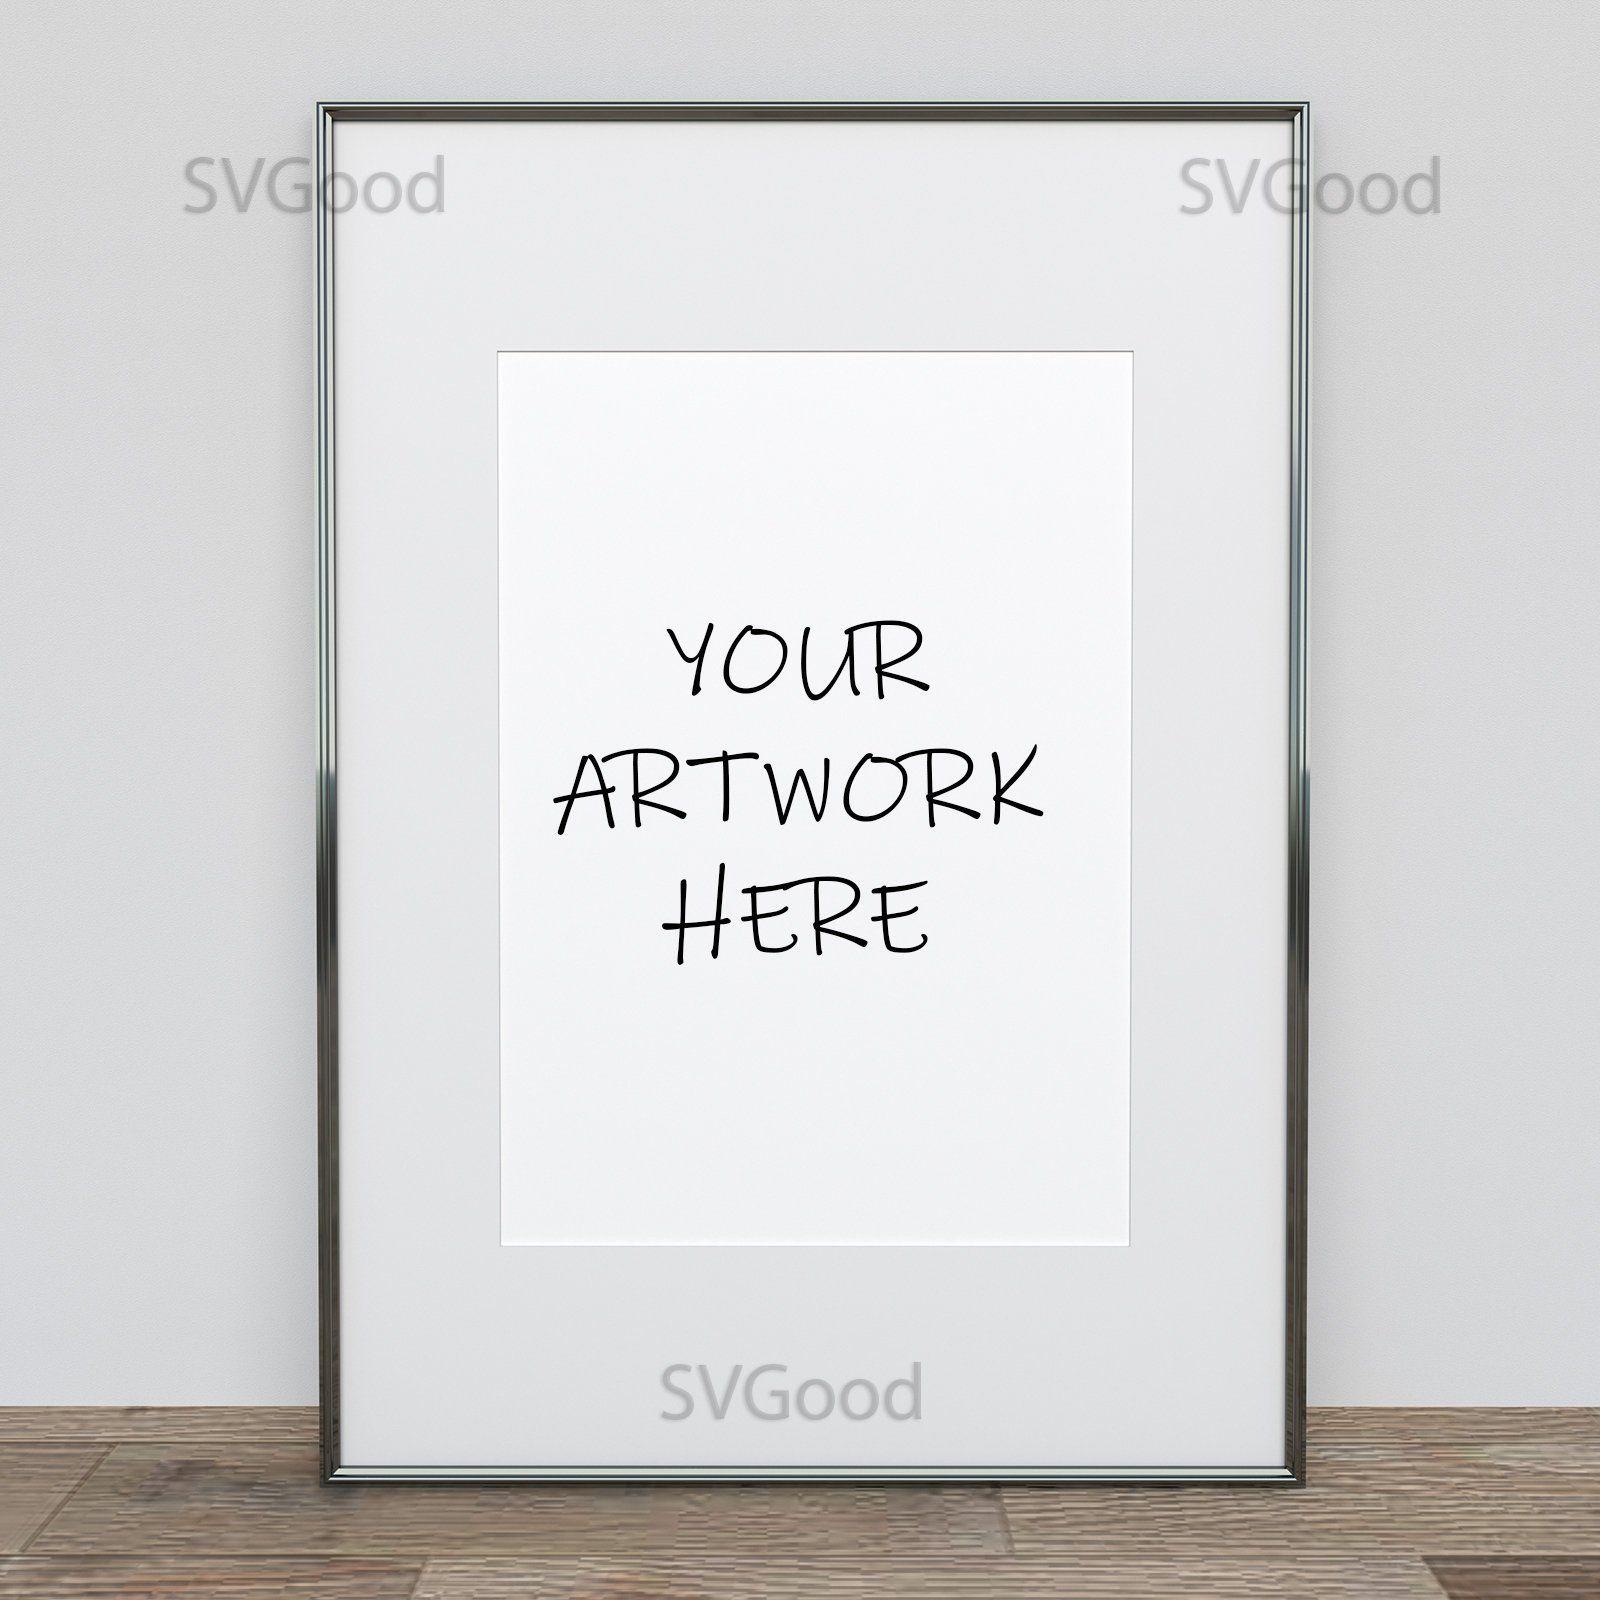 A2 Vertical Black Frame Mockup,A4 Digital Background,Product Mockup,Display Box,Background Mockup Empty Frame,INSTANT DOWNLOAD